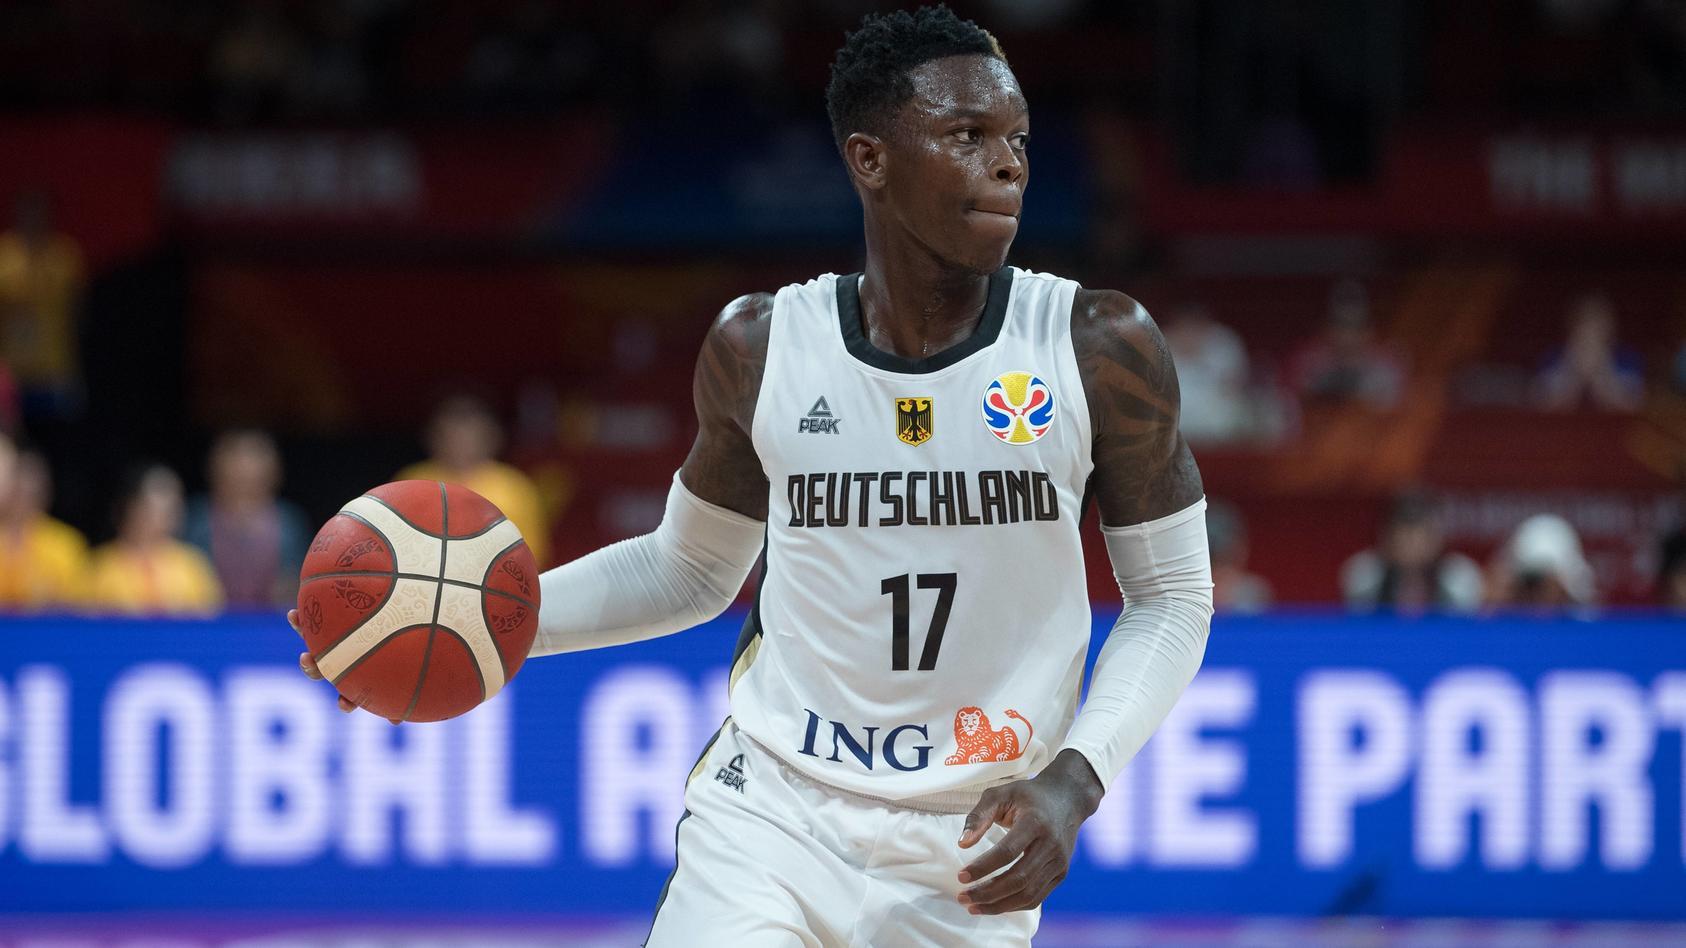 Basketball Shenzhen 05.09.2019 FIBA Basketball Weltmeisterschaften World Cup WM Weltmeisterschaft Deutschland (GER) - J